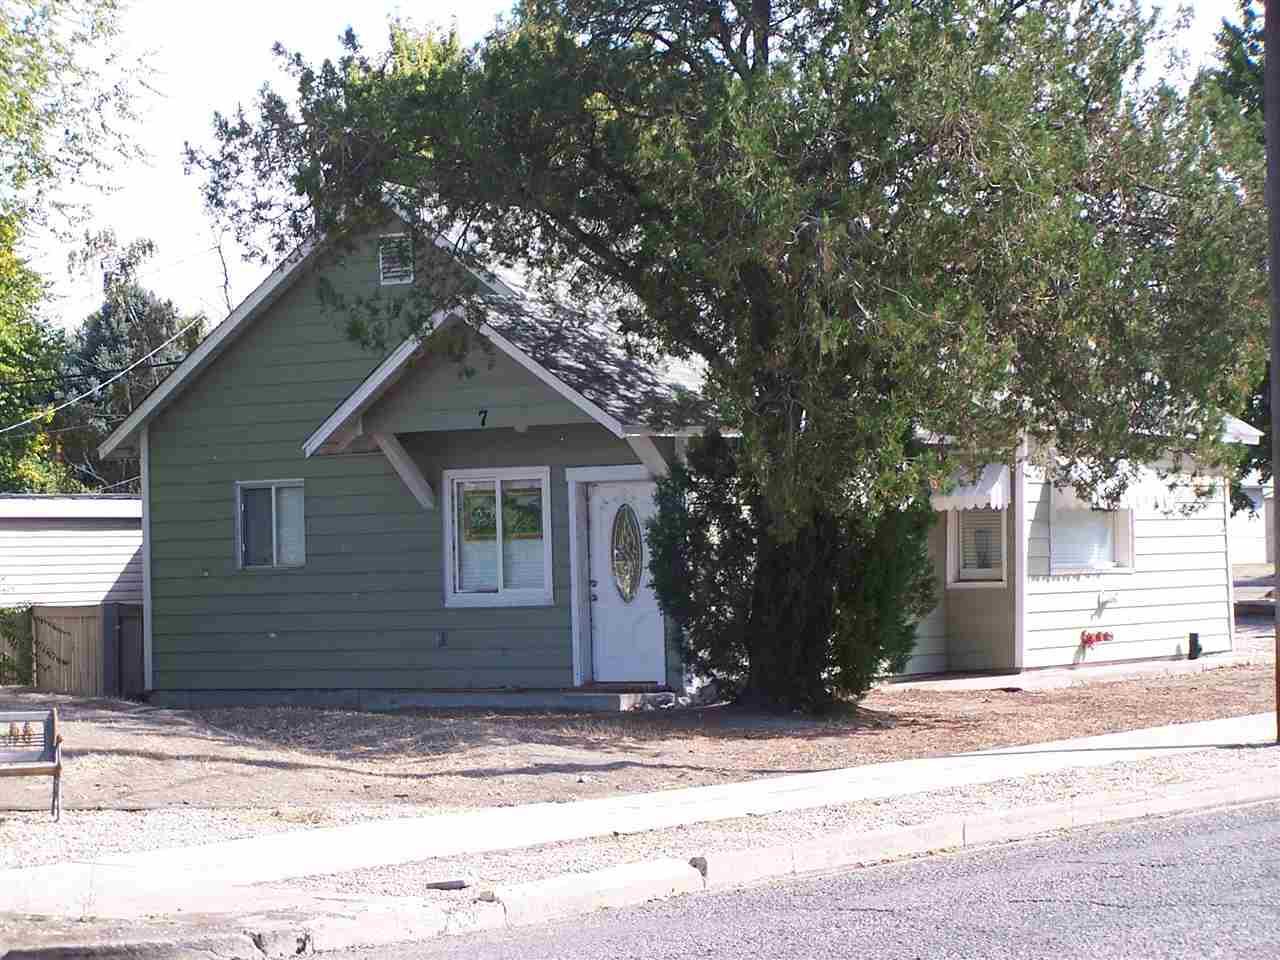 独户住宅 为 销售 在 7 E CLEVELAND 7 E CLEVELAND Glenns Ferry, 爱达荷州 83623